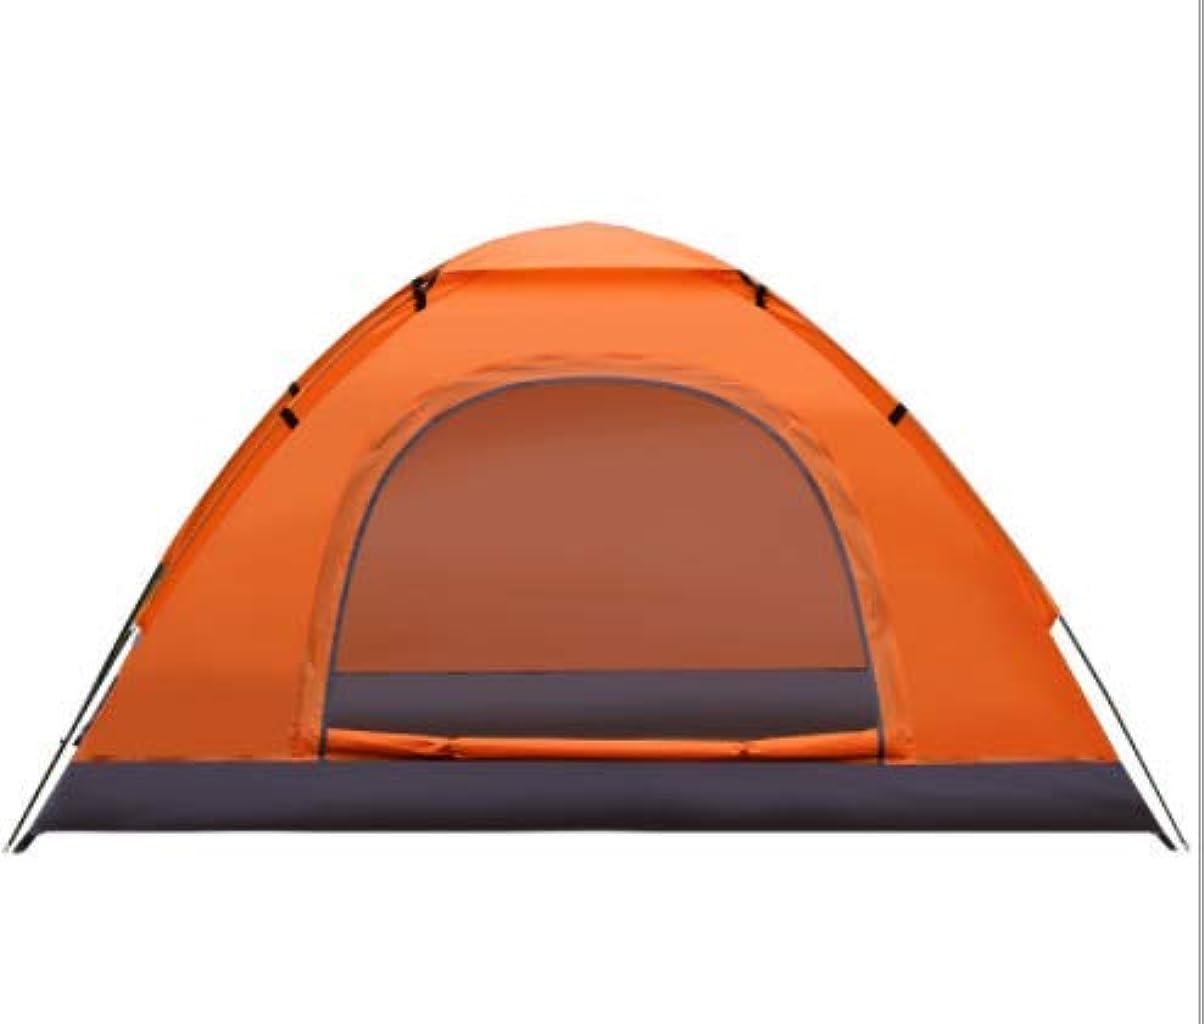 小さな悪意のある告白新しい二重単層レジャーテント防雨夏の旅行に欠かせない (Color : Orange)